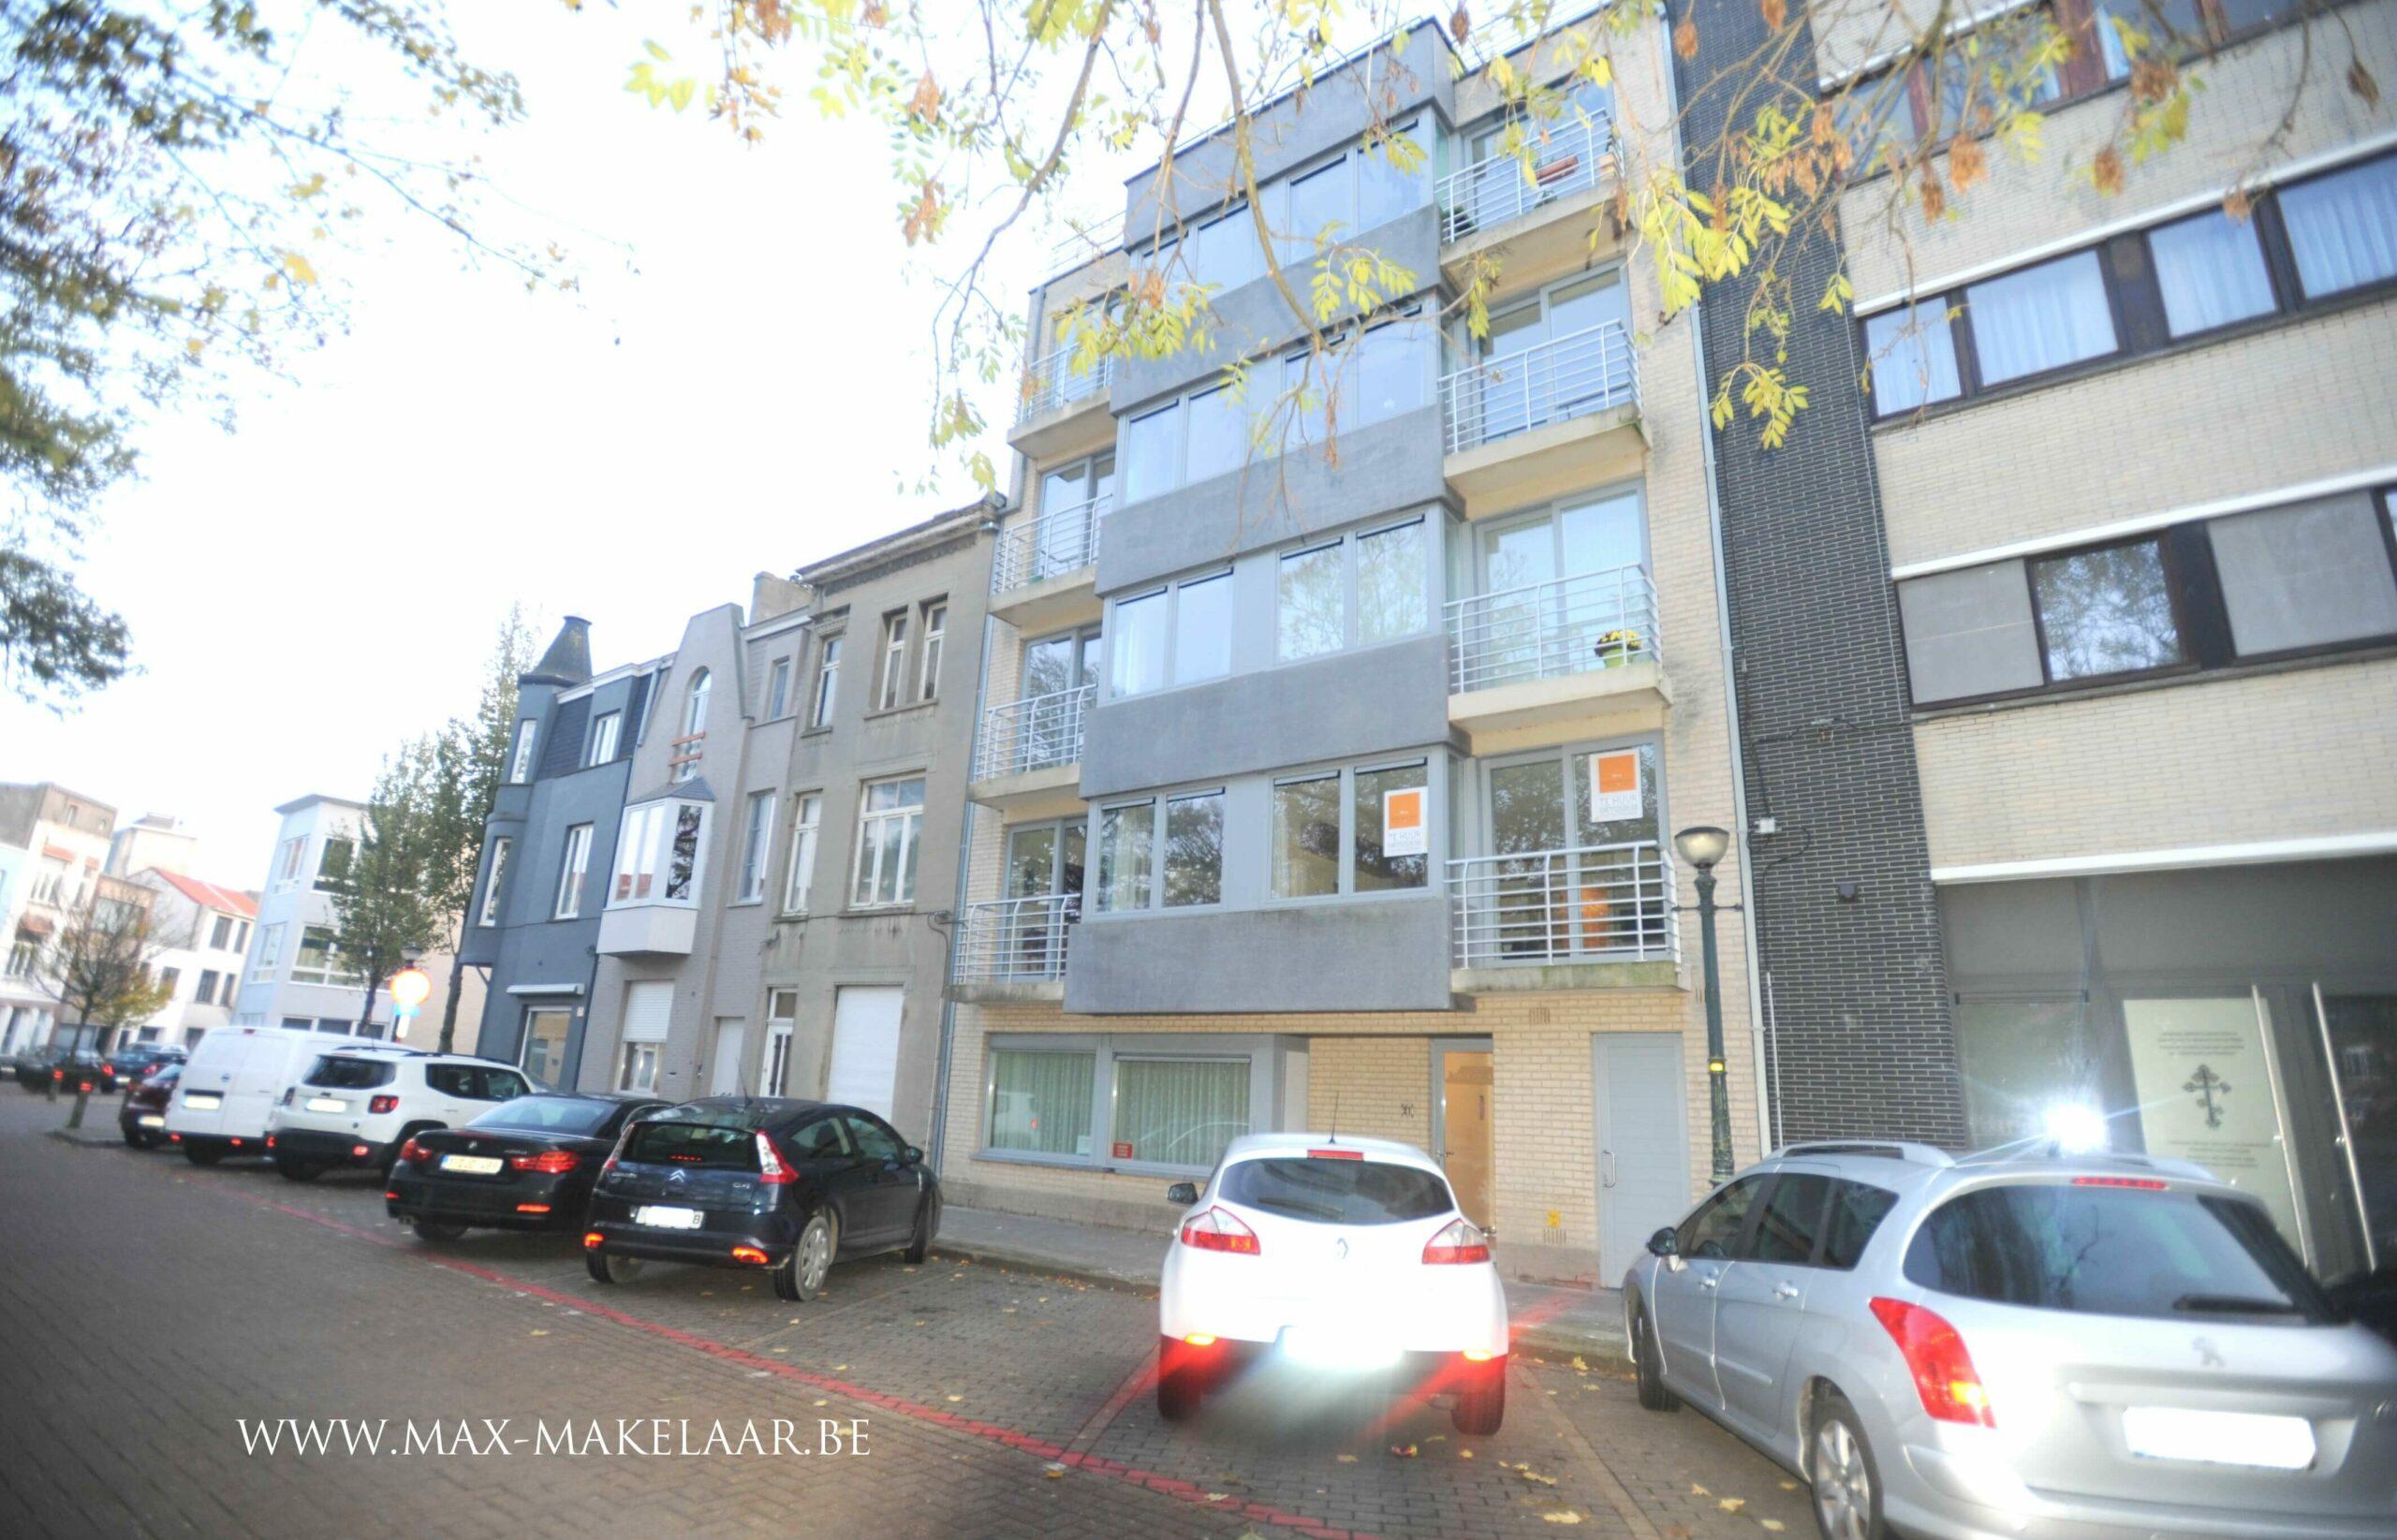 Appartement met terras en parkzicht